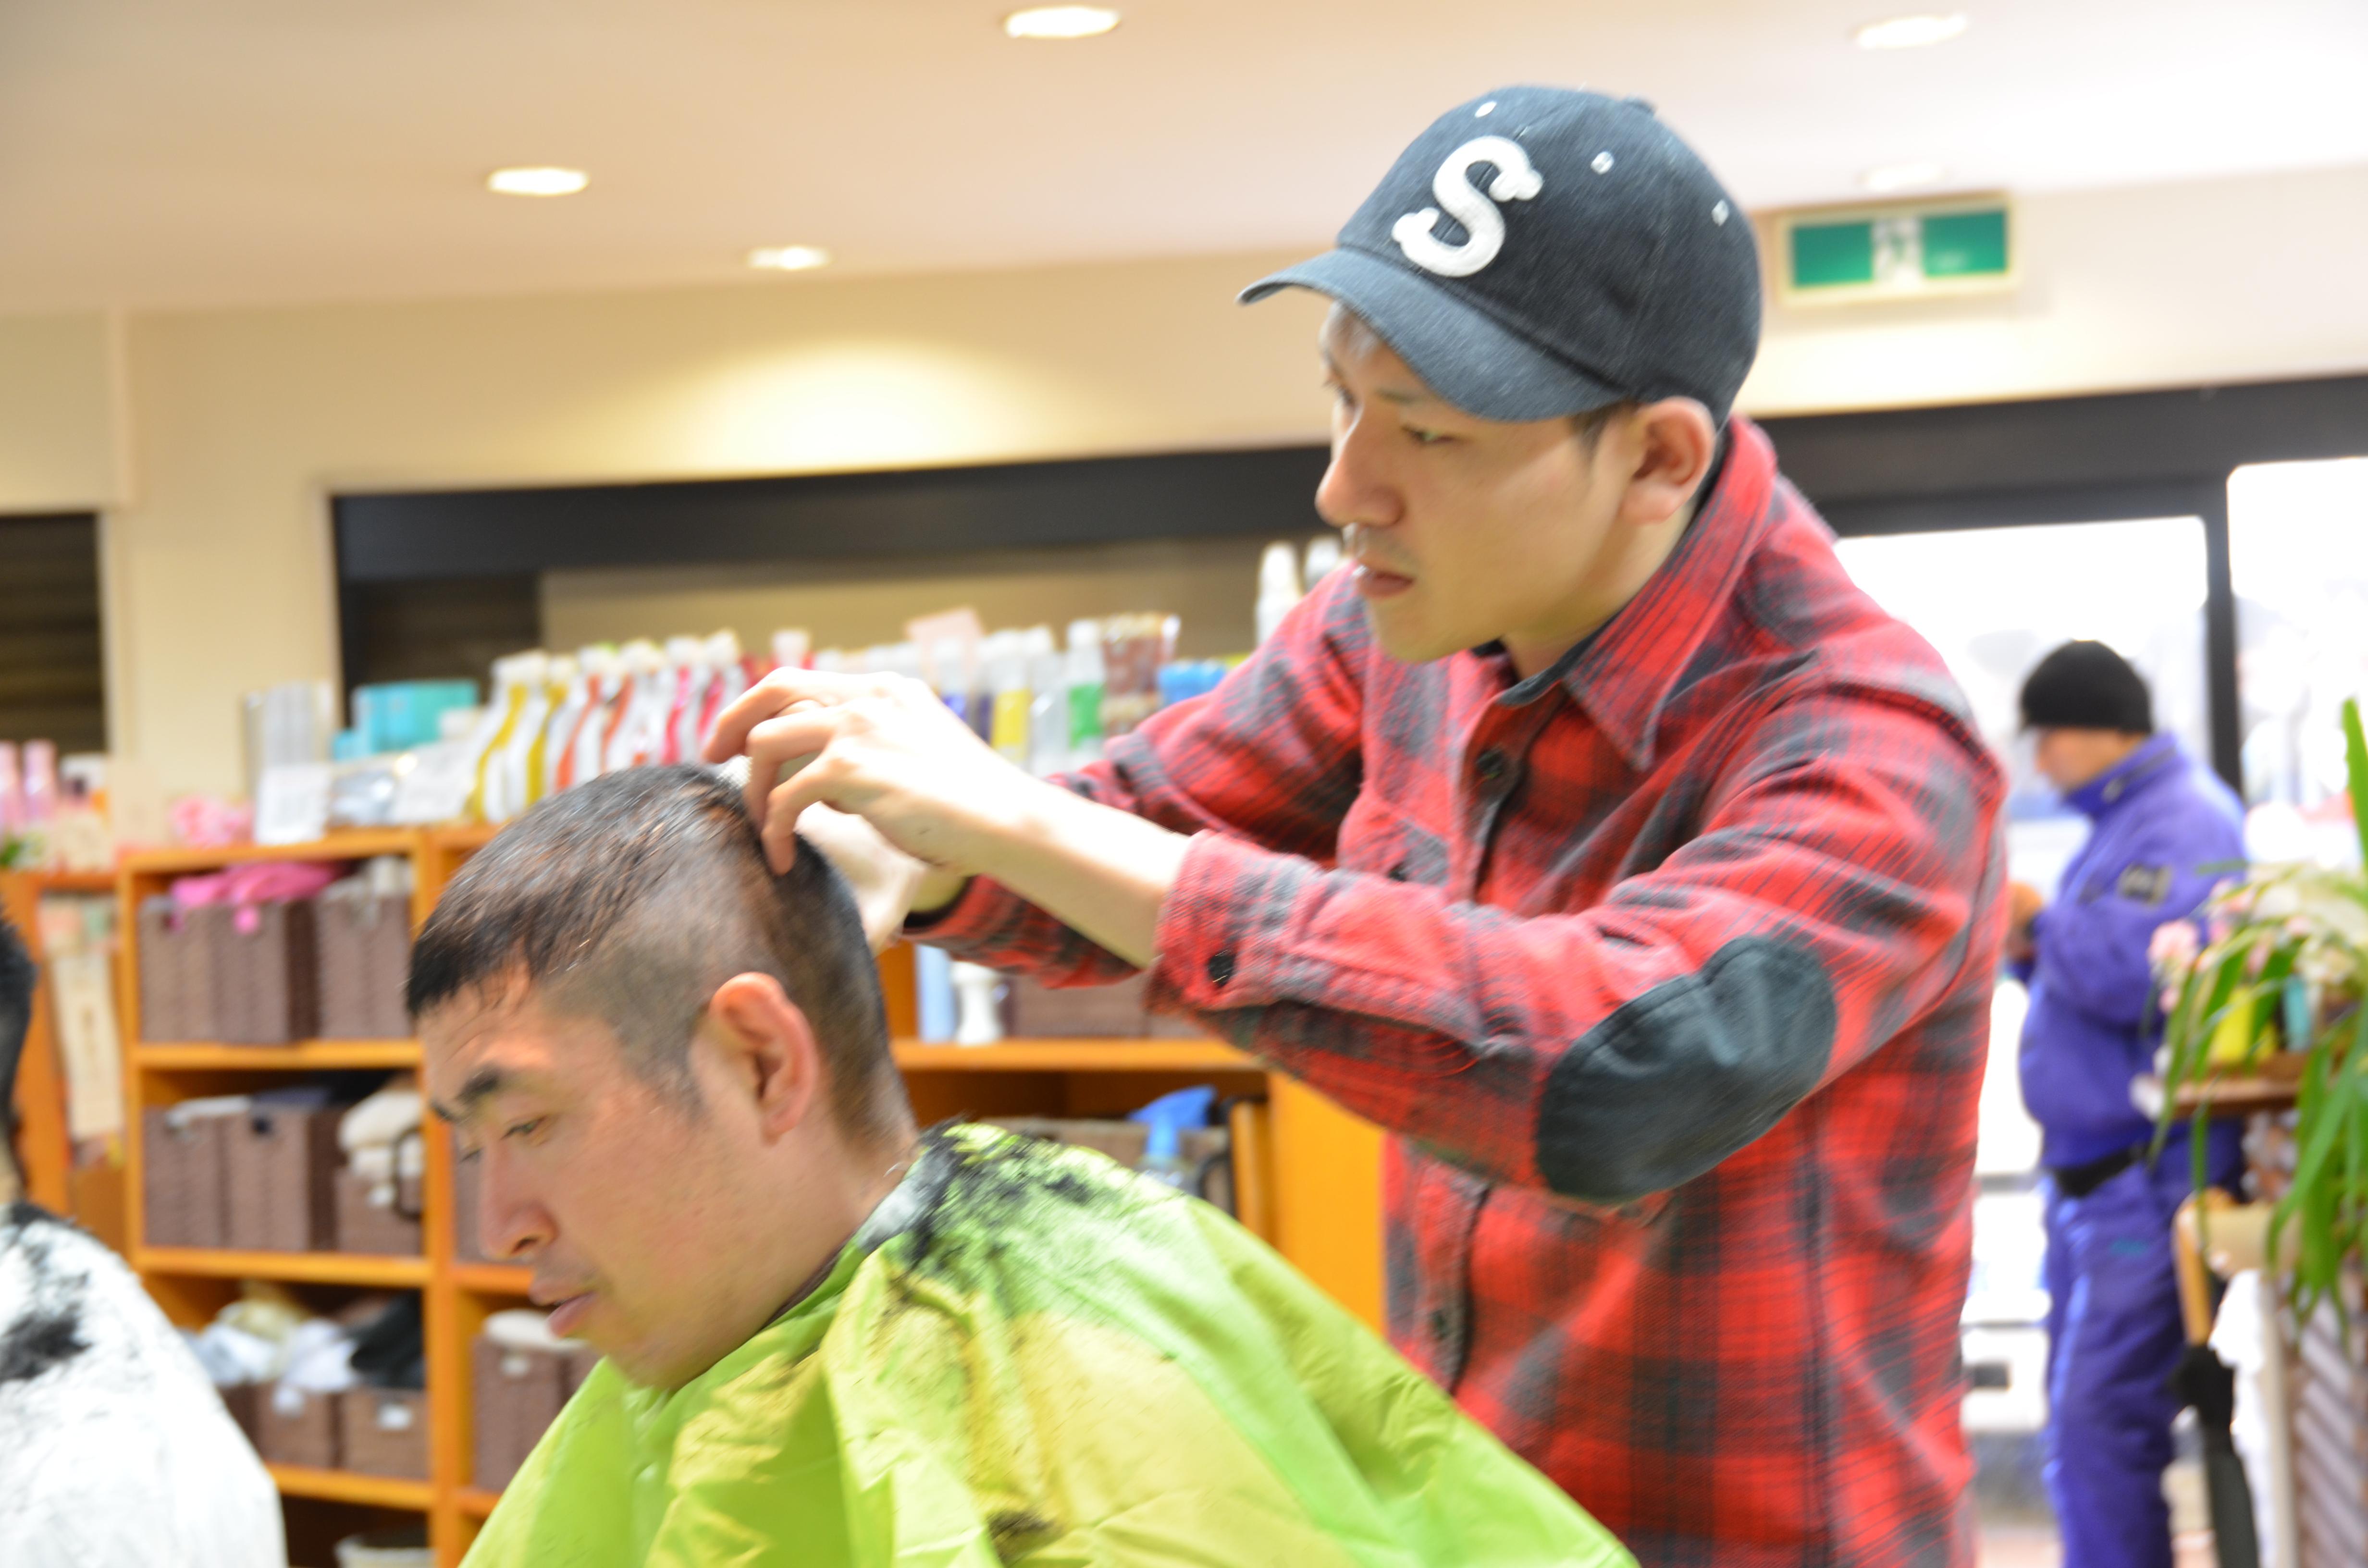 成田・富里のヘアサロン・美容院・美容室エムズハウスでは、月2回のミーティングは議題で盛りだくさんです